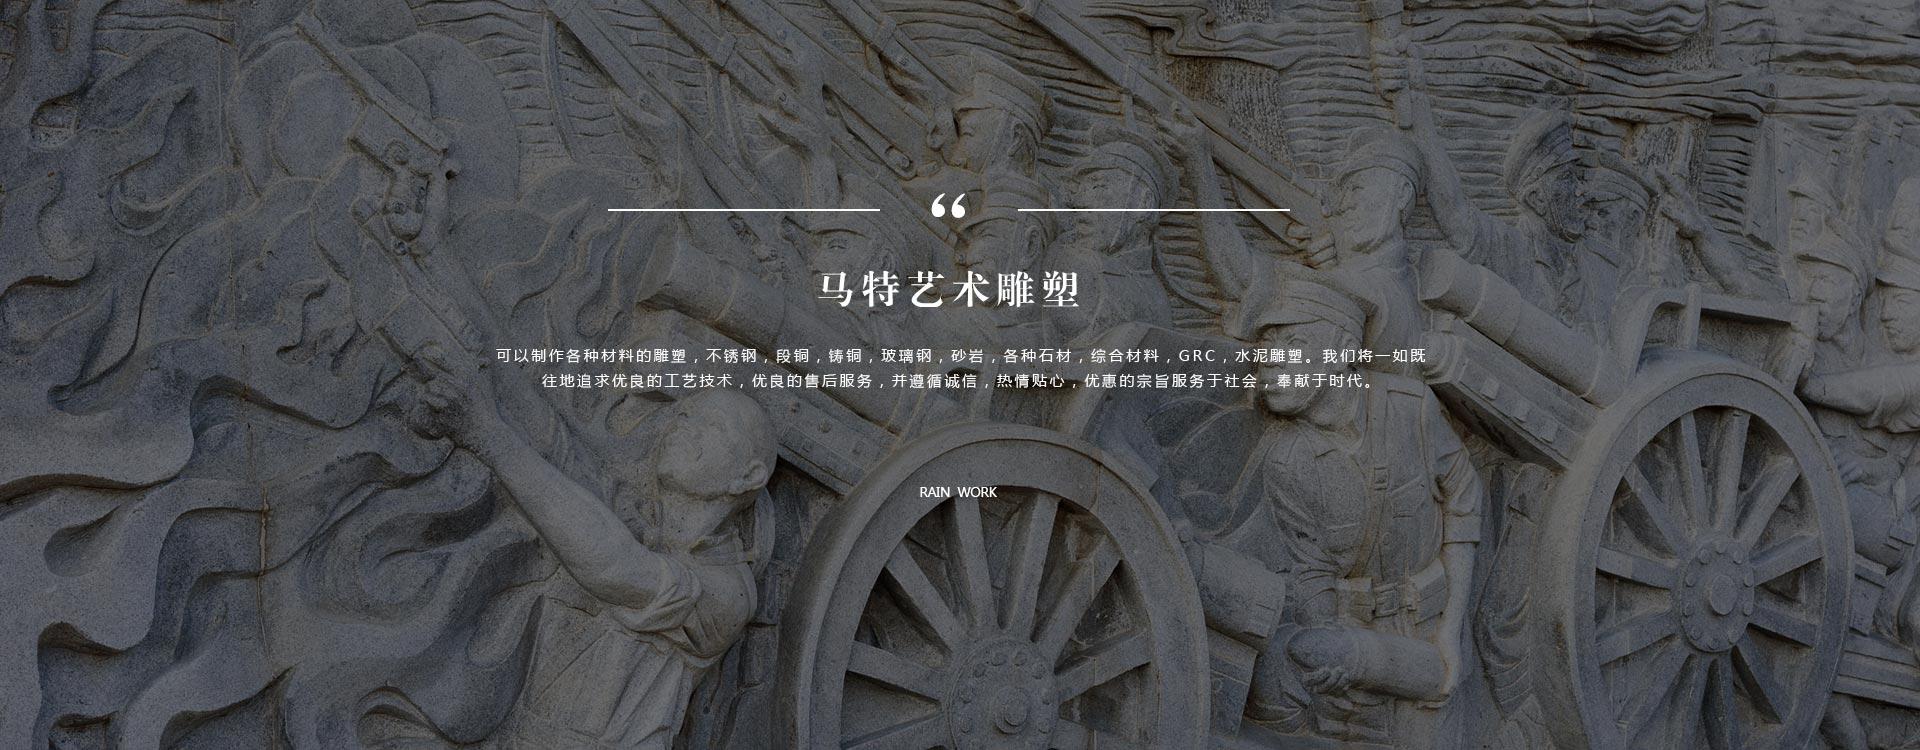 西安艺术雕塑设计制作